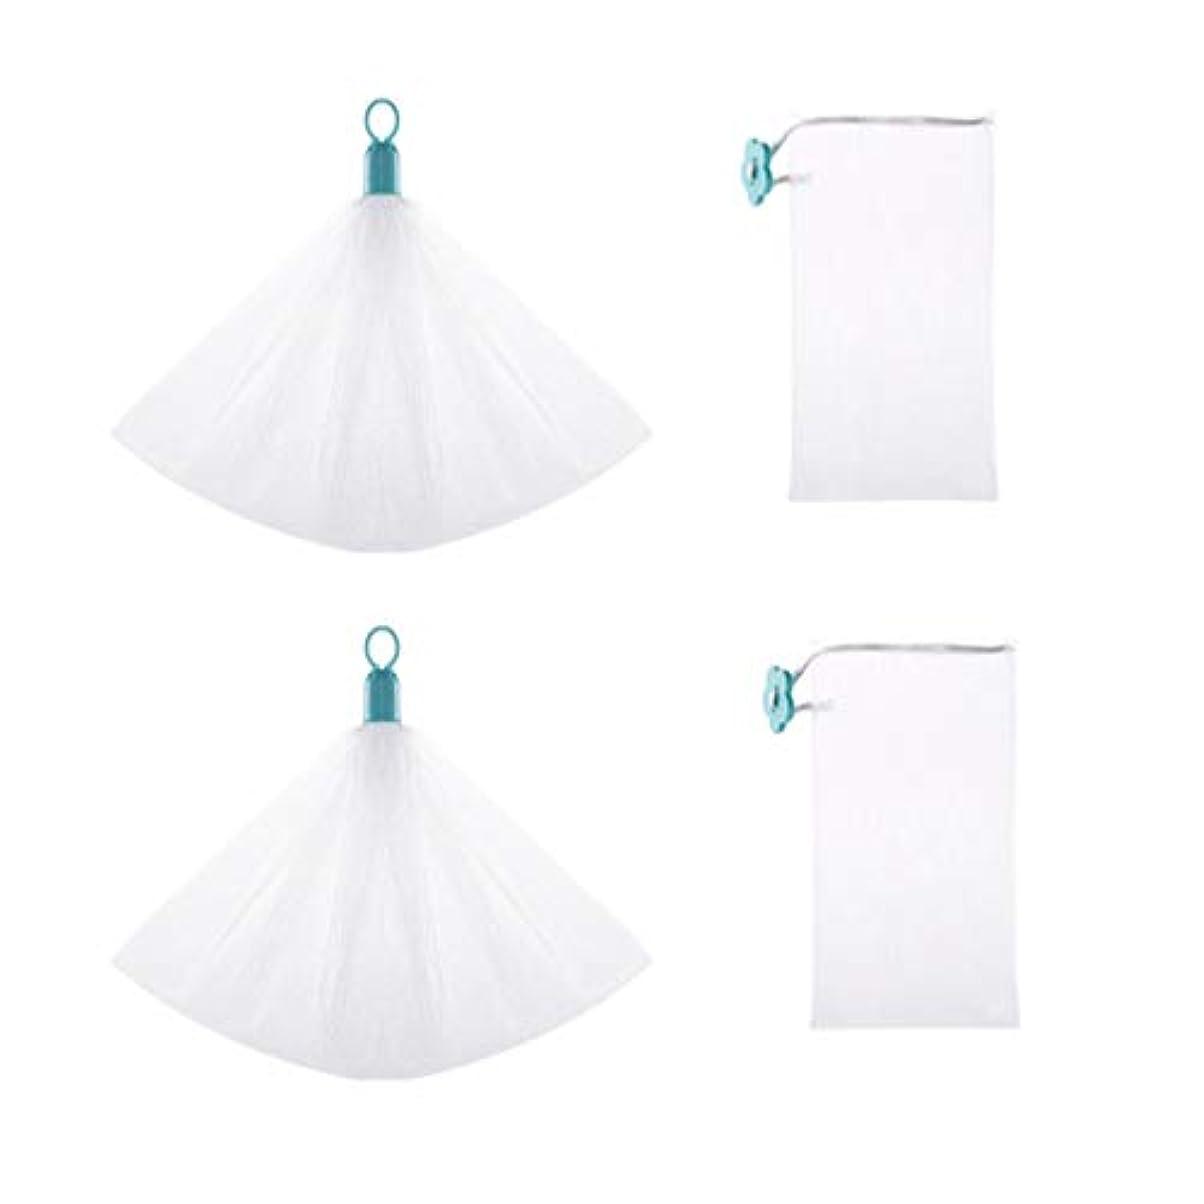 標高リベラル感動するMinkissy 4個ソープセーバーバッグ巾着ソープバッグ再利用可能な角質除去石鹸ポーチクリーニングシャワー用